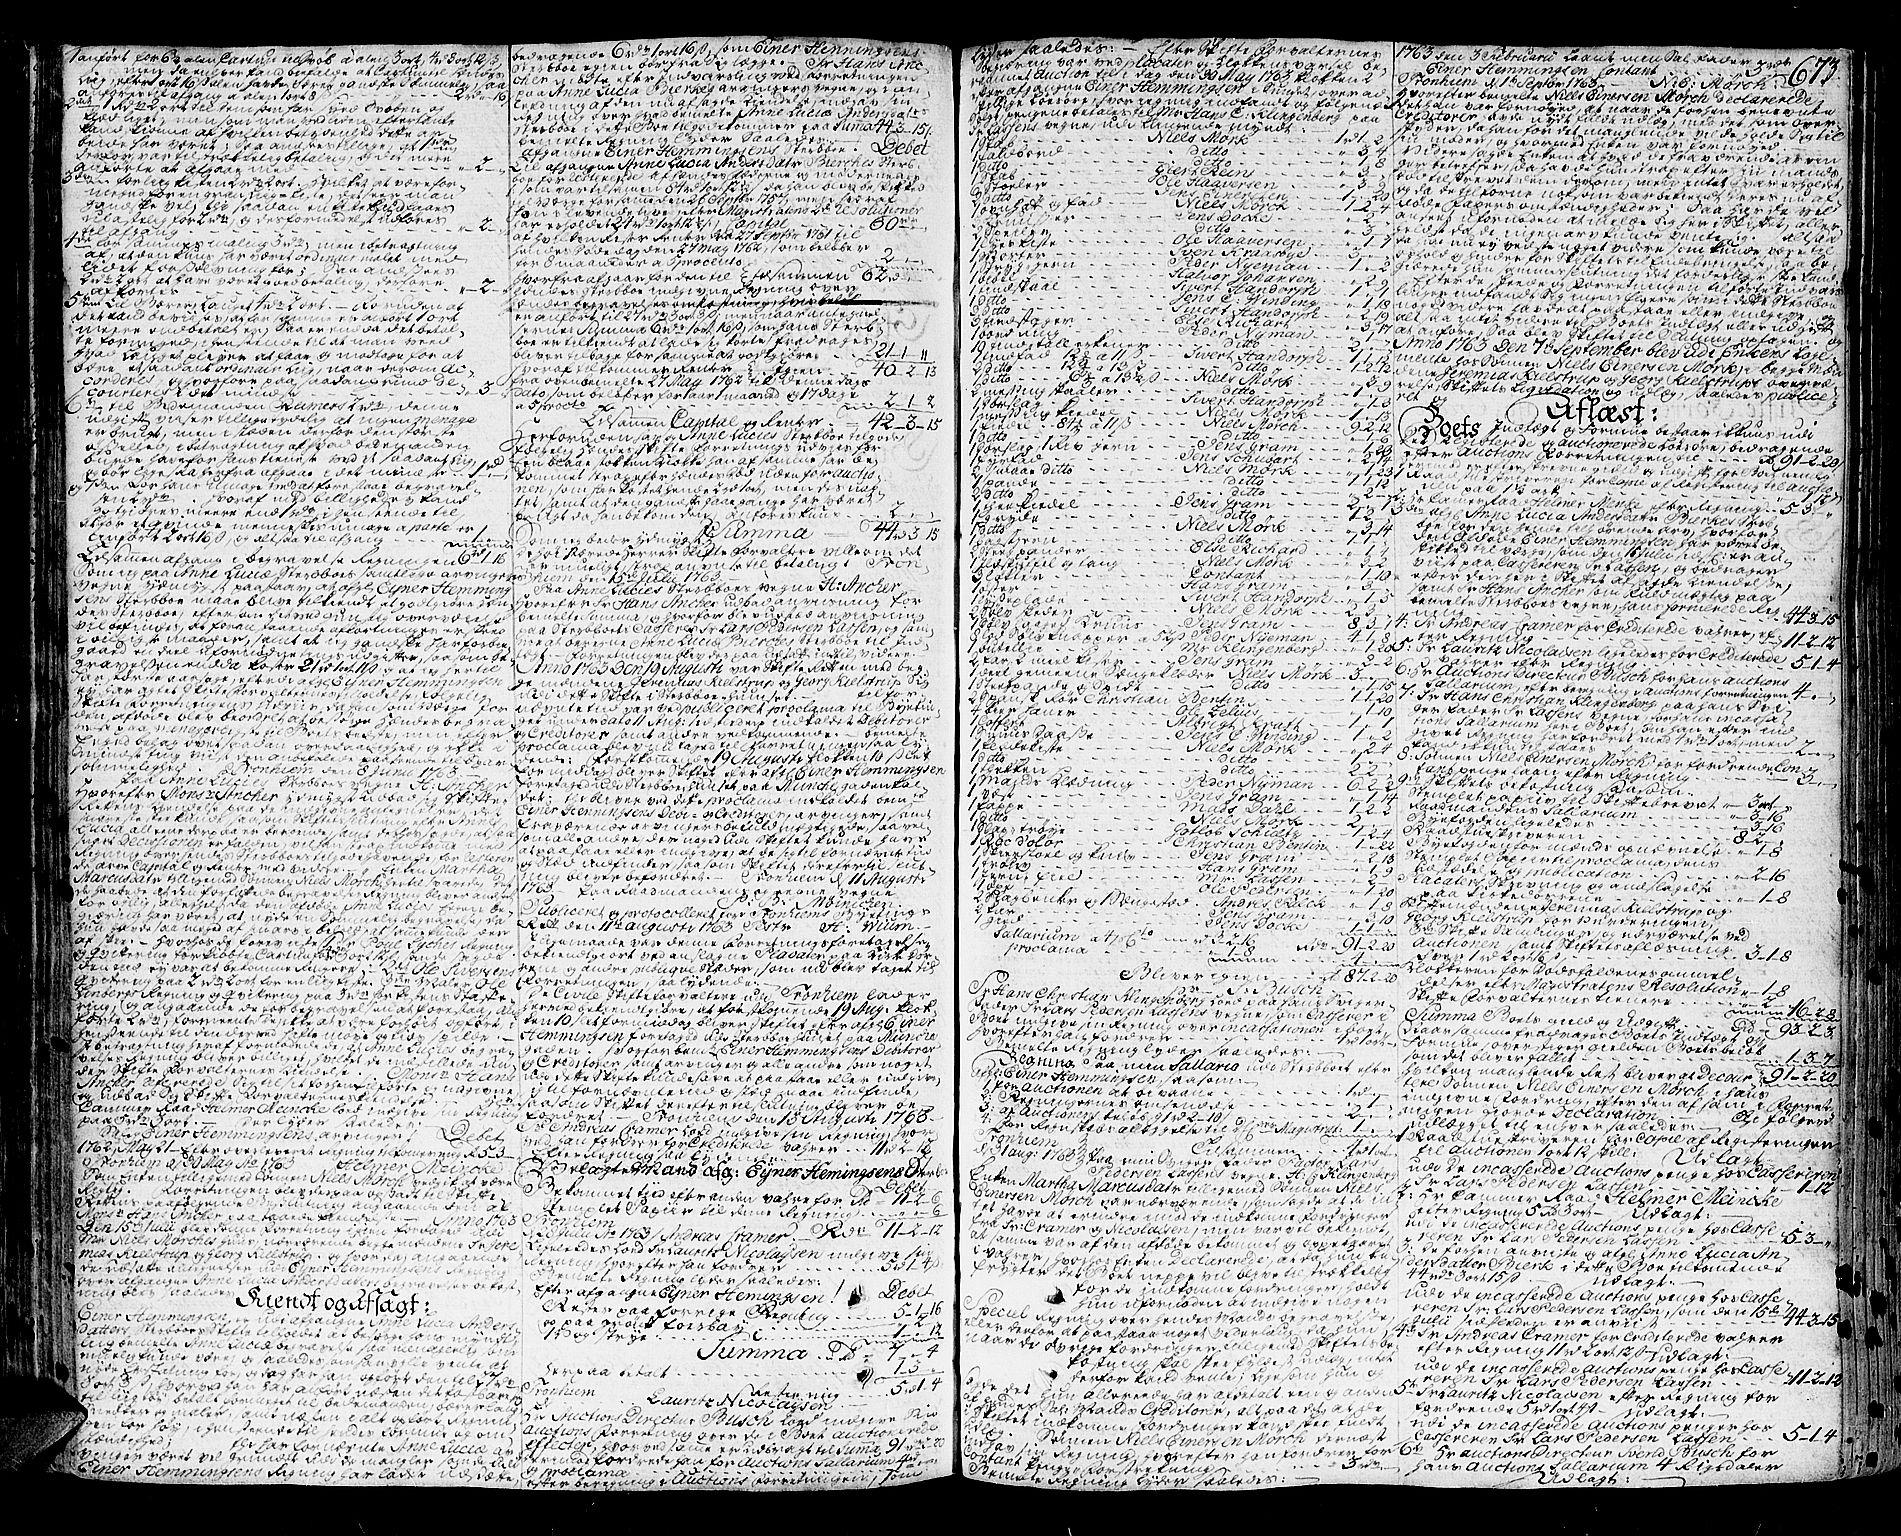 SAT, Trondheim byfogd, 3/3A/L0020: Skifteprotokoll - gml.nr.17. (m/ register) U, 1758-1765, s. 672b-673a